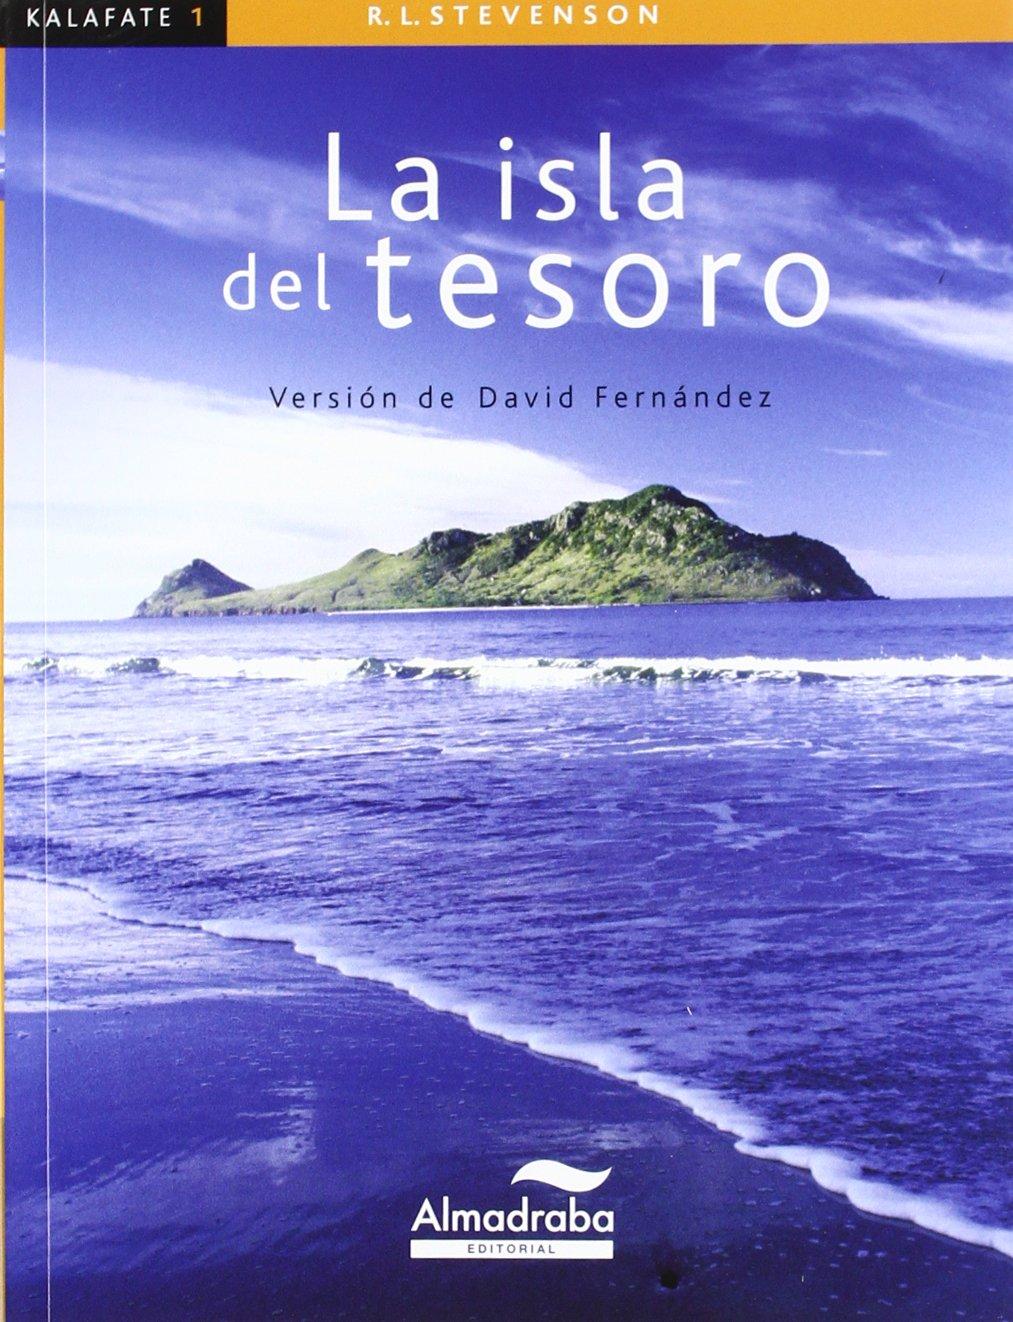 Isla del tesoro, La (kalafate) (Colección Kalafate): Amazon.es: Stevenson, Robert Louis, Rodés, Josep, Fernández Villarroel, David, Fernández, David: Libros